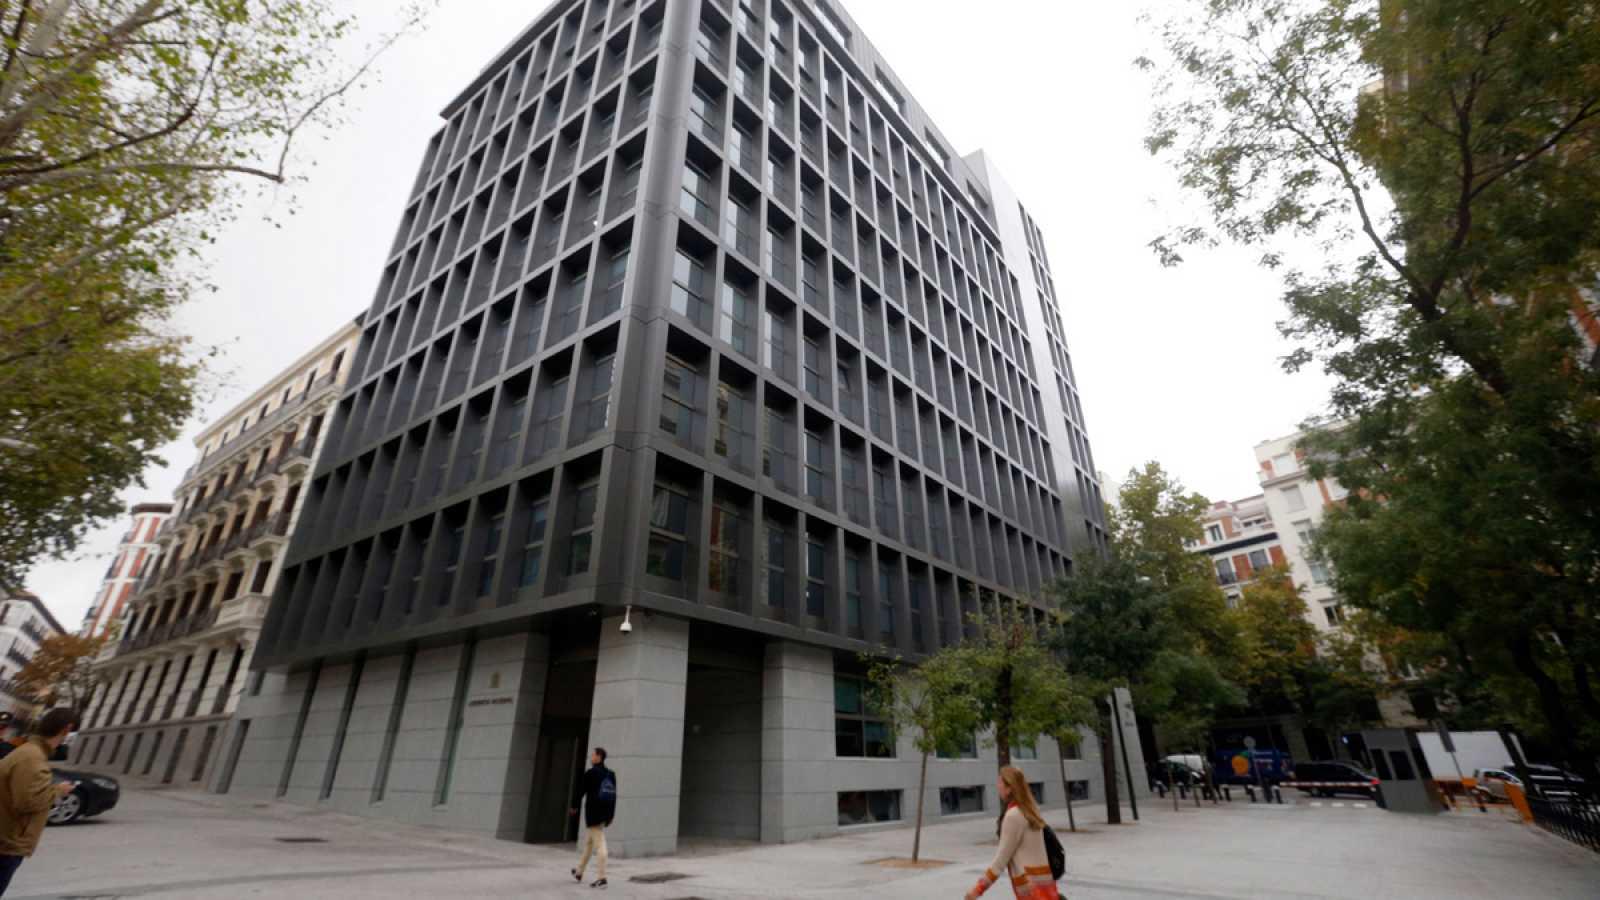 Popular. El juez a Reyes Calderón: ¿Usted tenía un mandato del Consejo para cambiar a Ángel Ron?